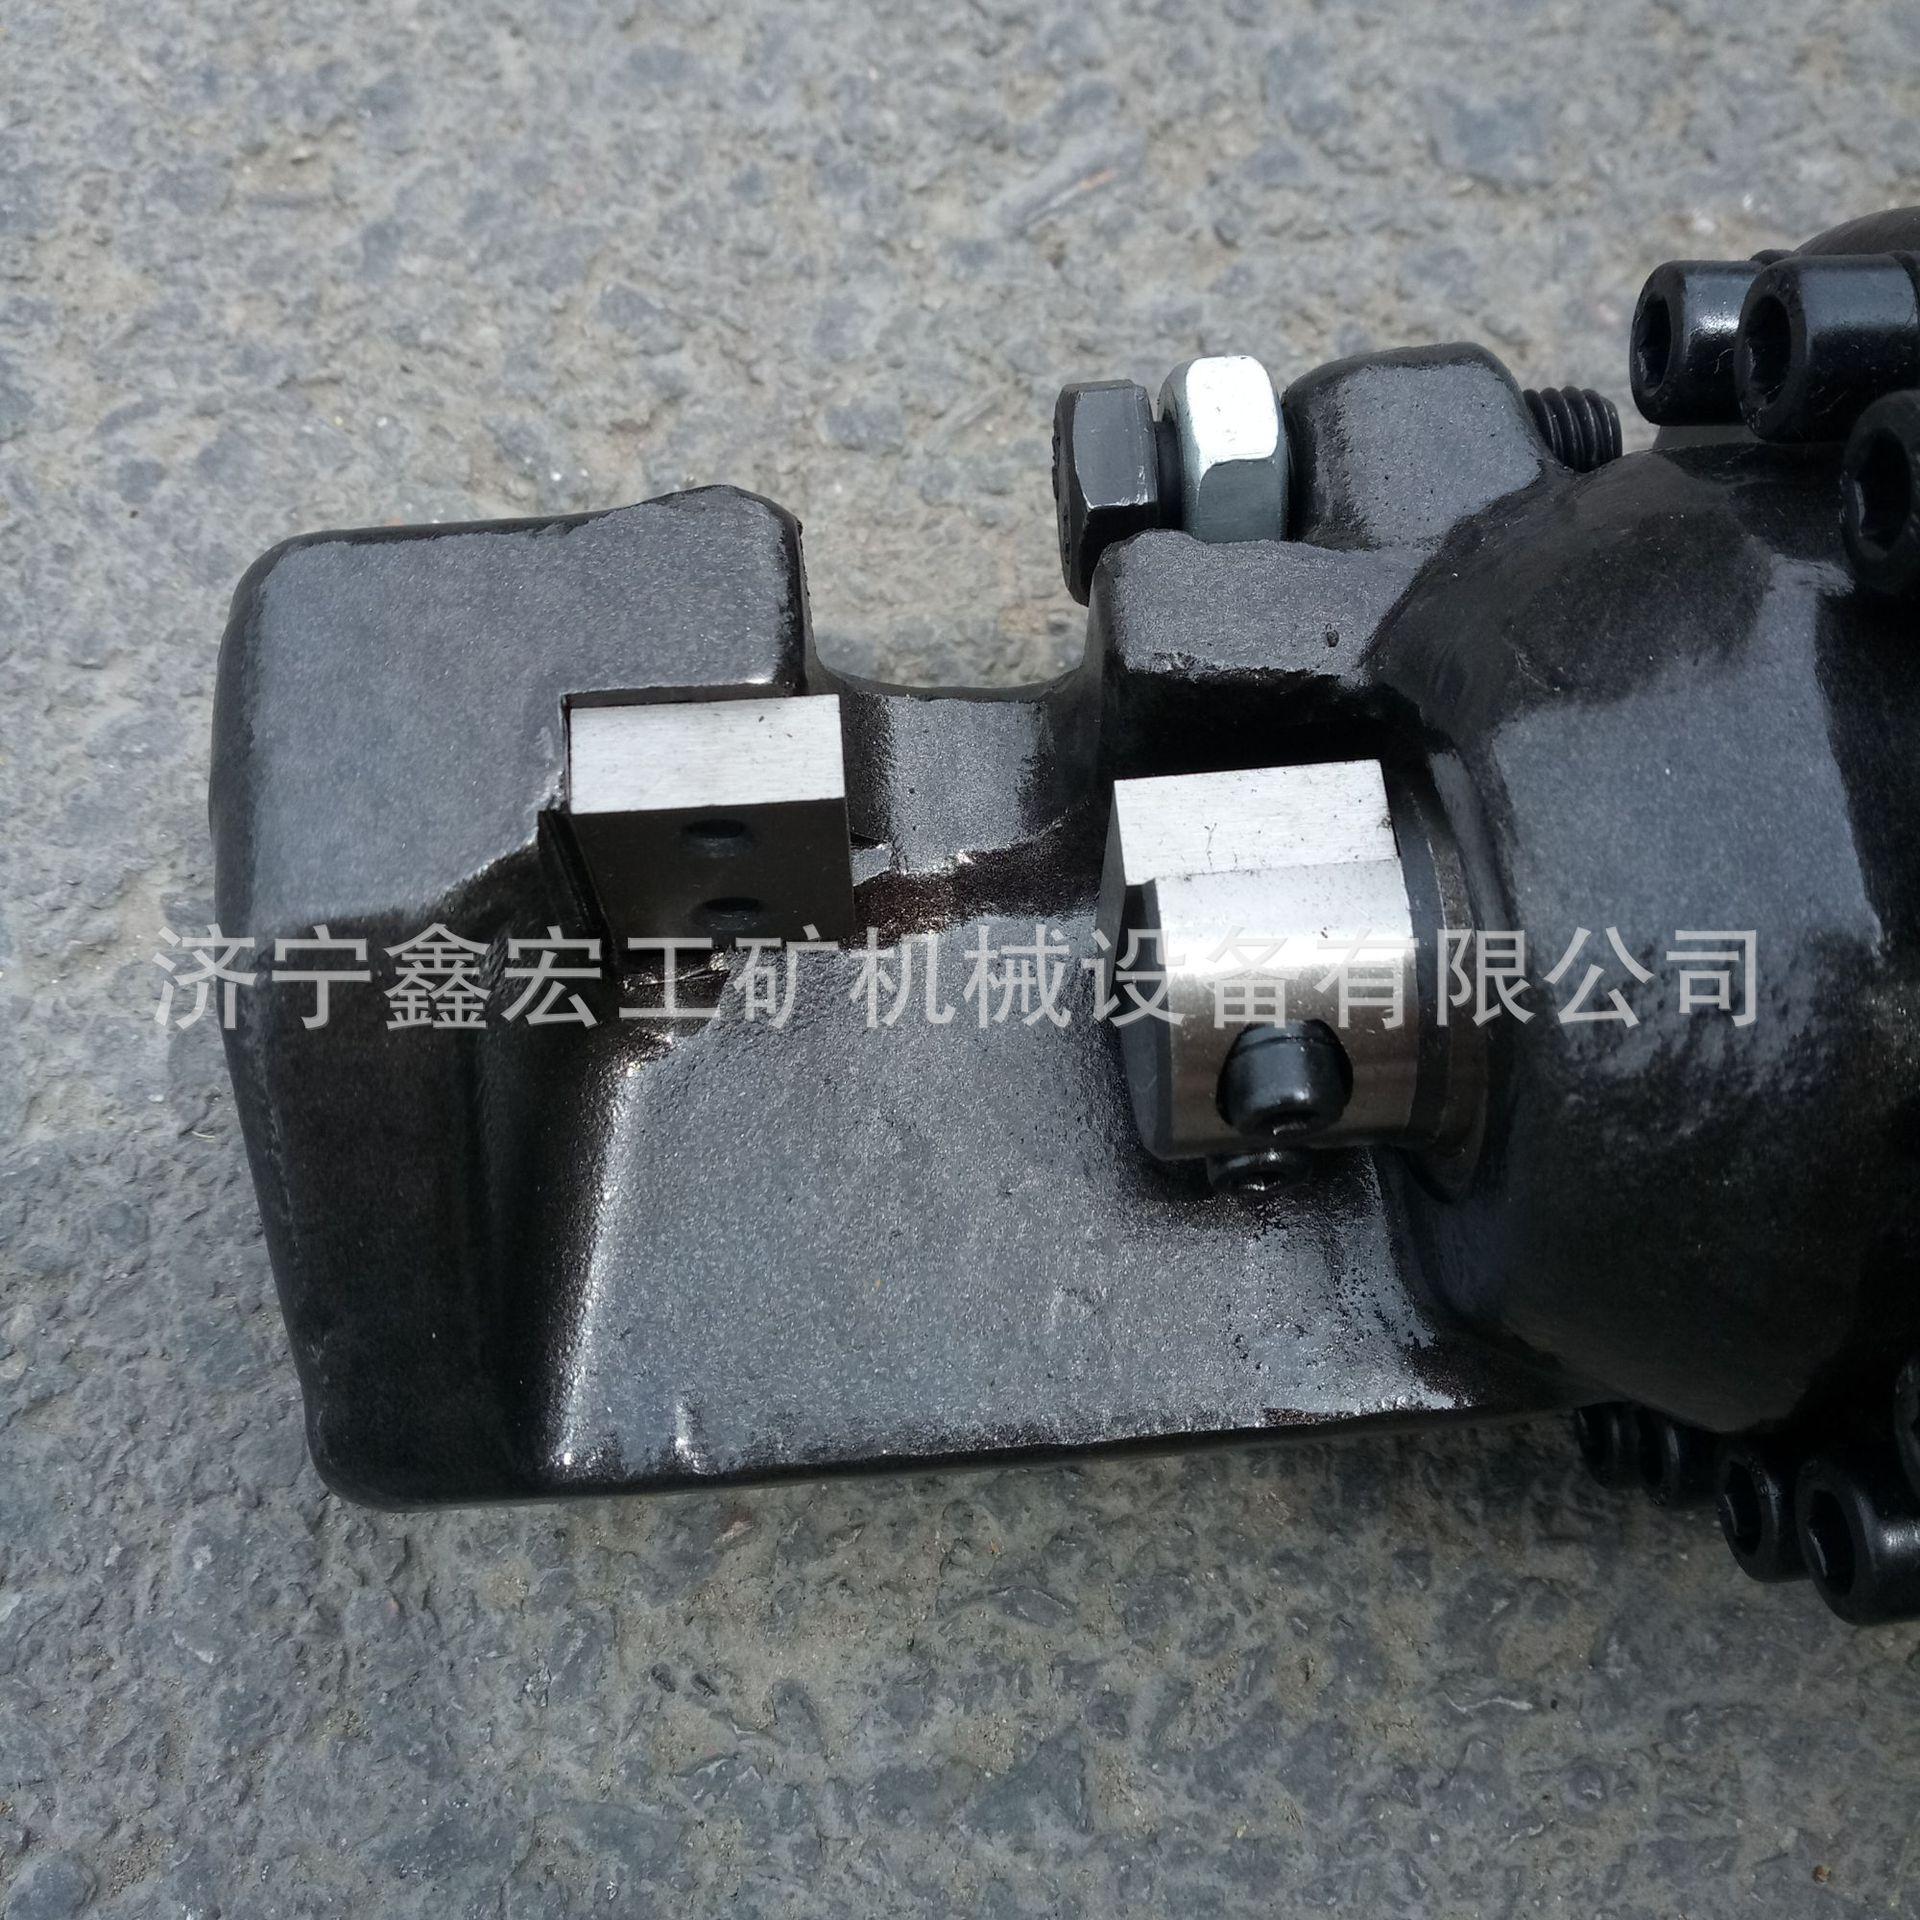 济宁钢筋切断机厂家 便携式电动液压钢筋切断机